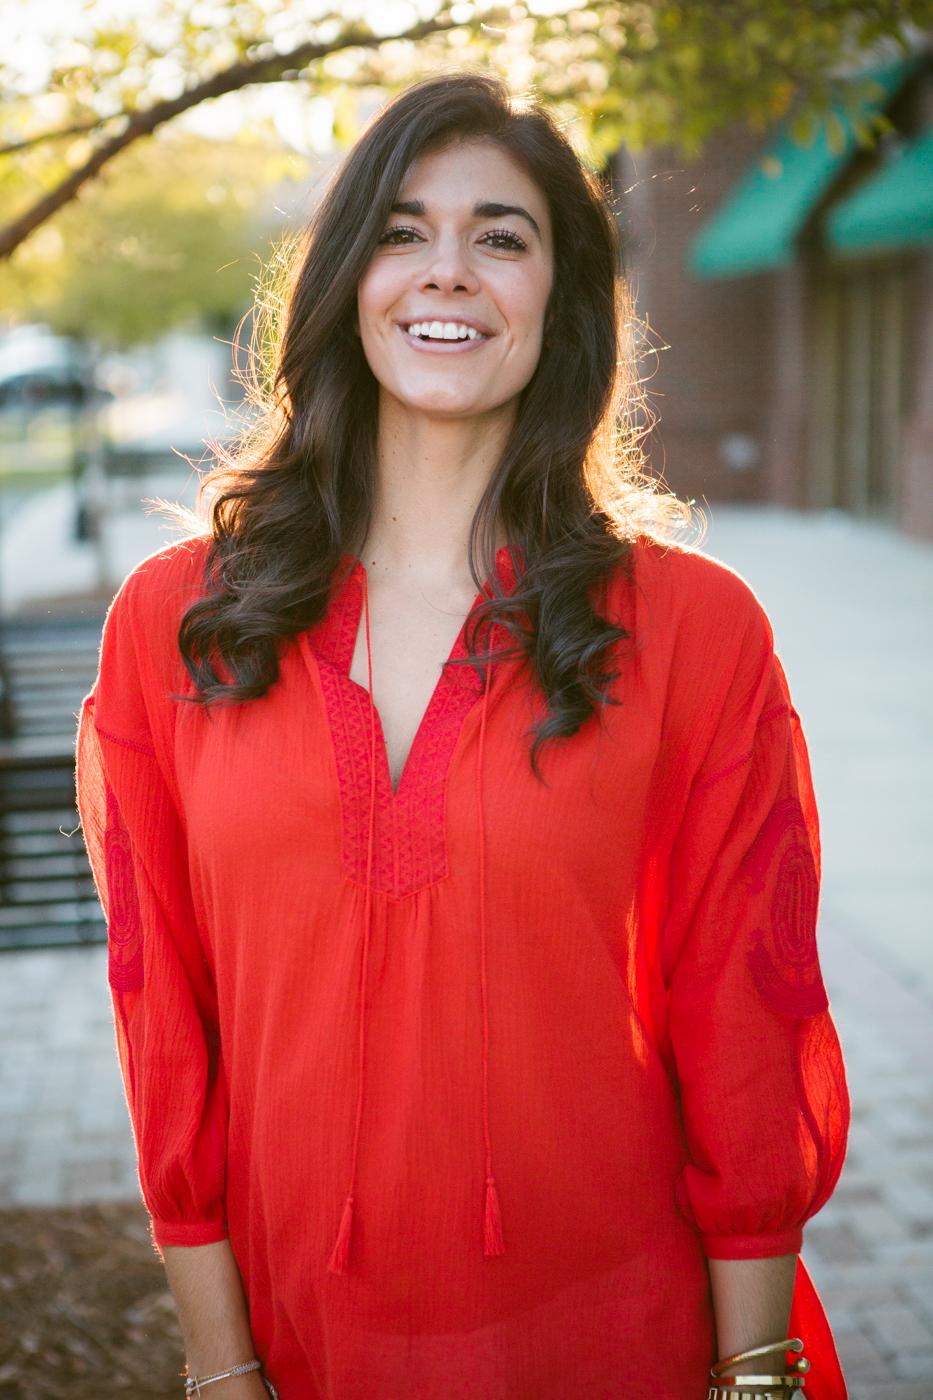 Lauren-Schwaiger-Blog-Style.jpg